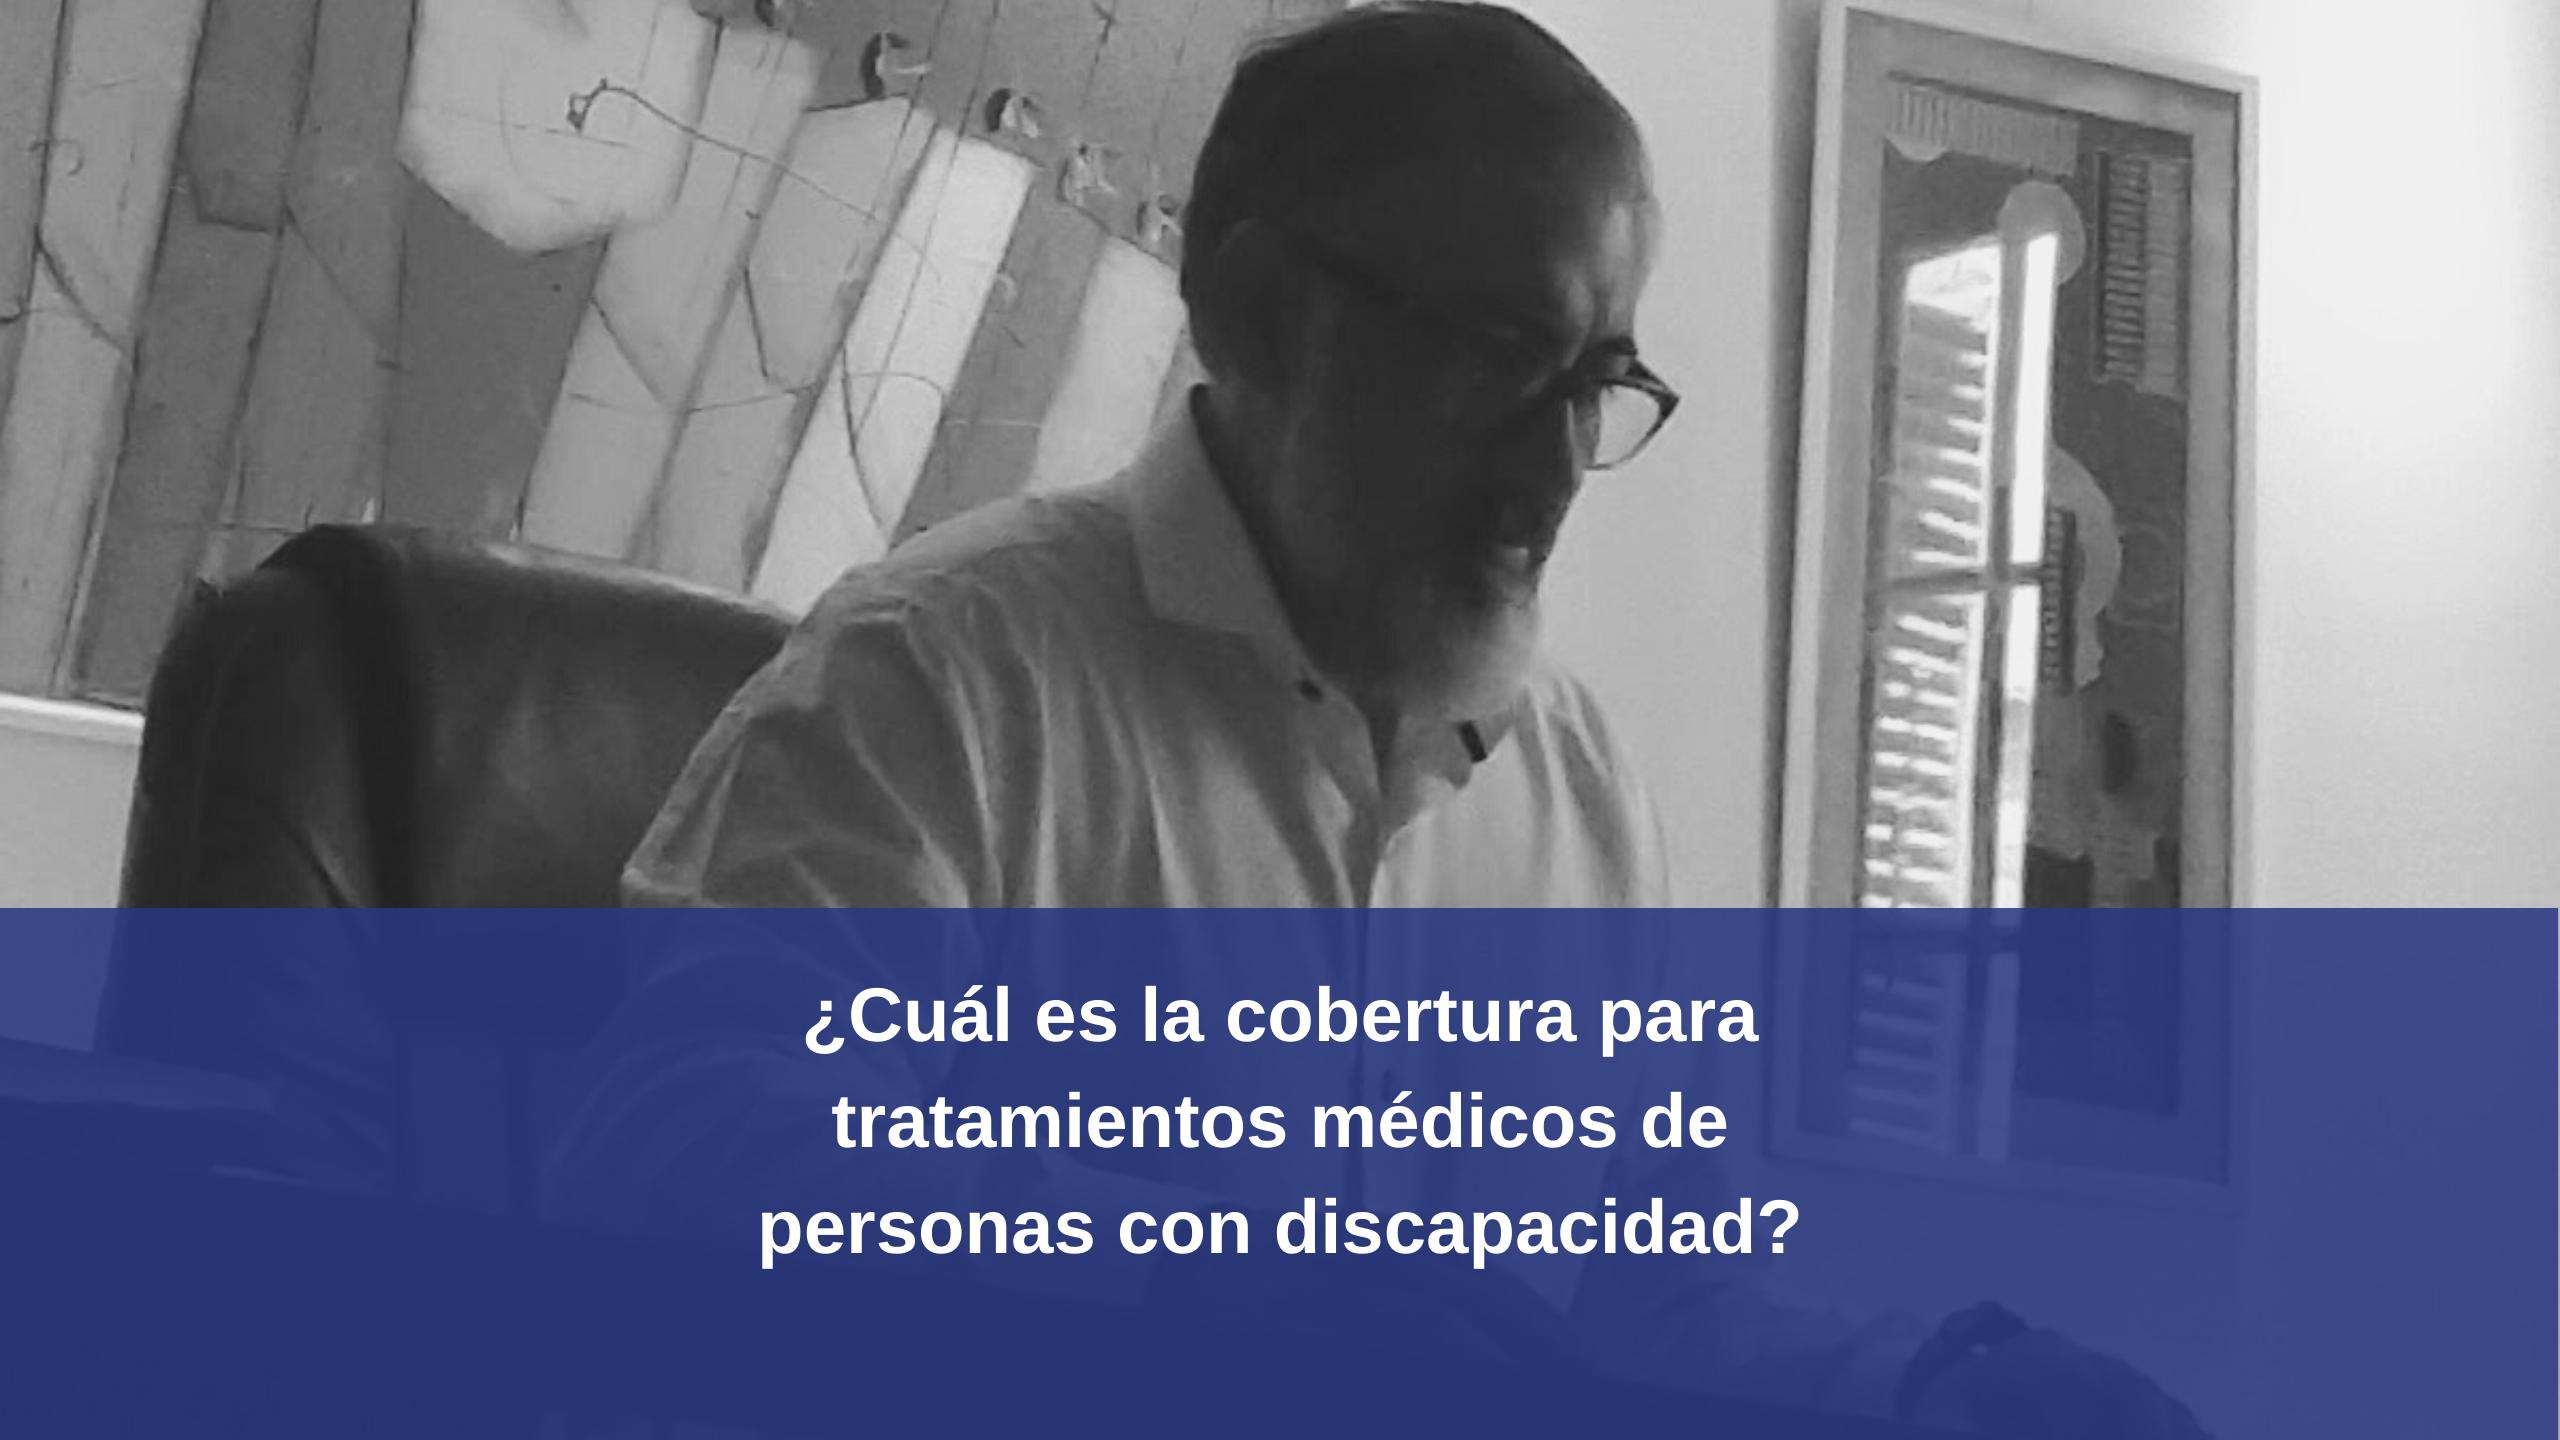 ¿Cuál es la cobertura para tratamientos médicos de personas con discapacidad?